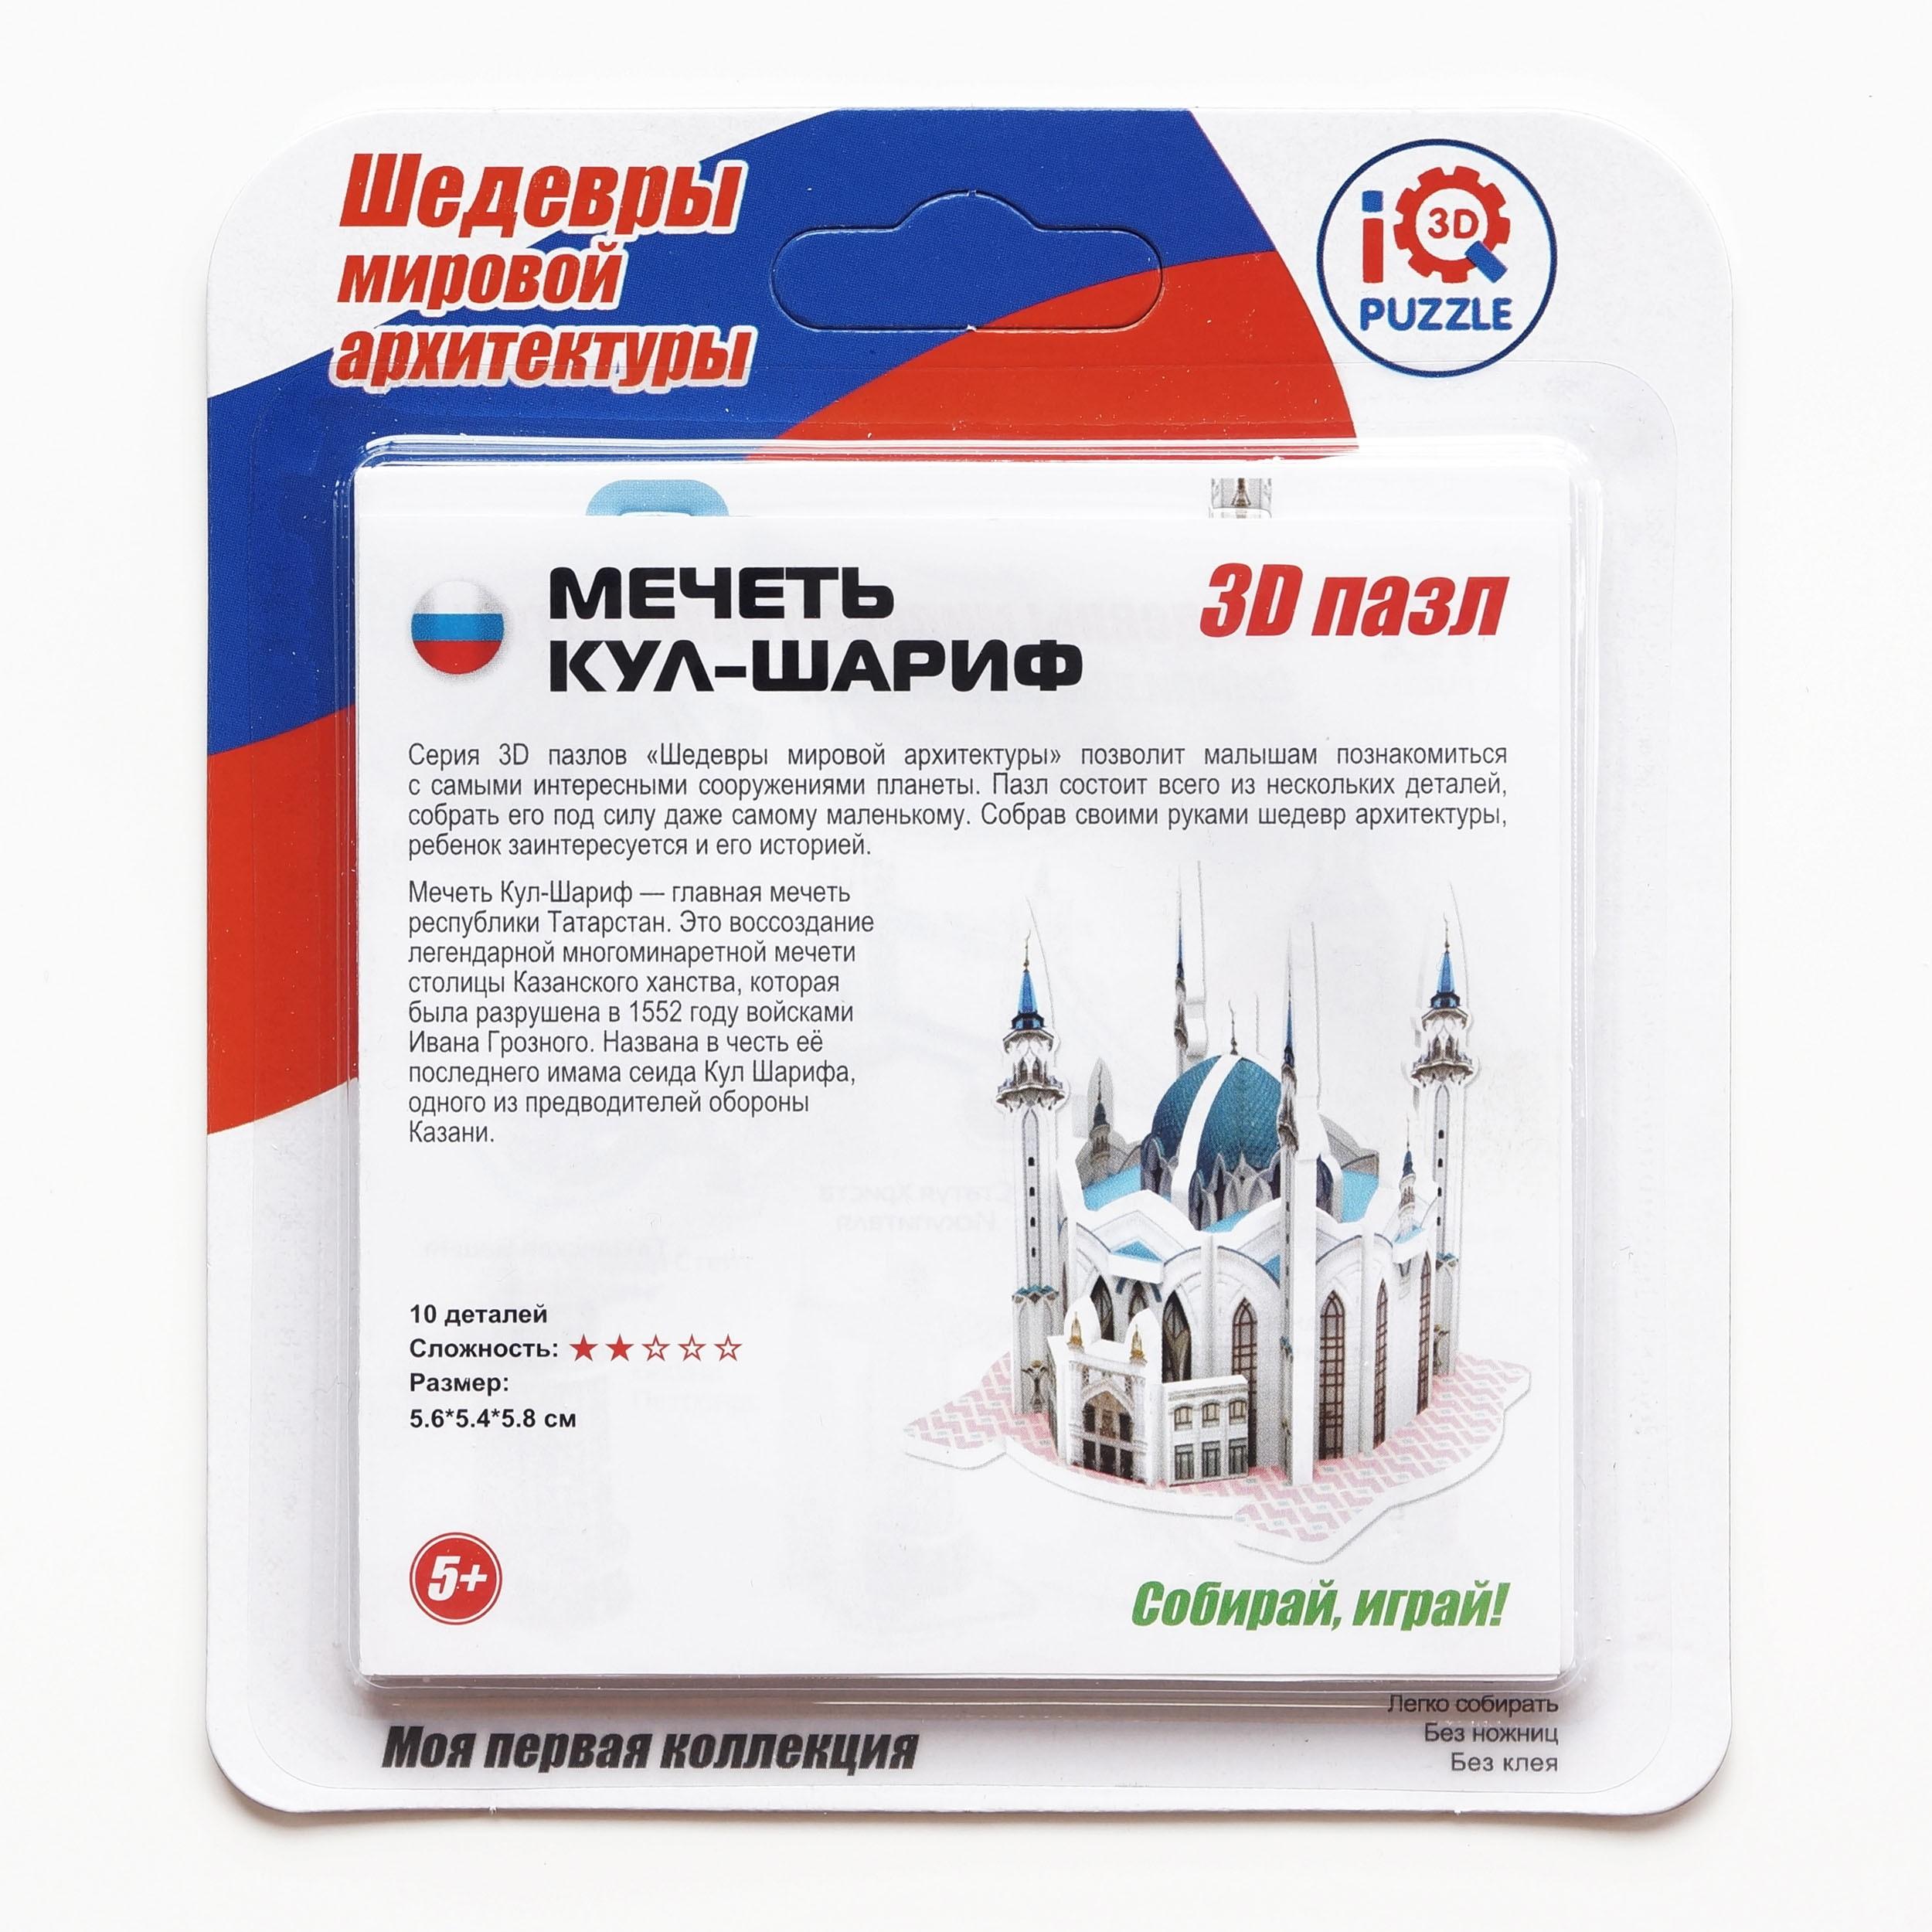 Пазлы IQ 3D Puzzle Мечеть Кул Шариф пазл 3d cubicfun мечеть кул шариф россия 159 элементов